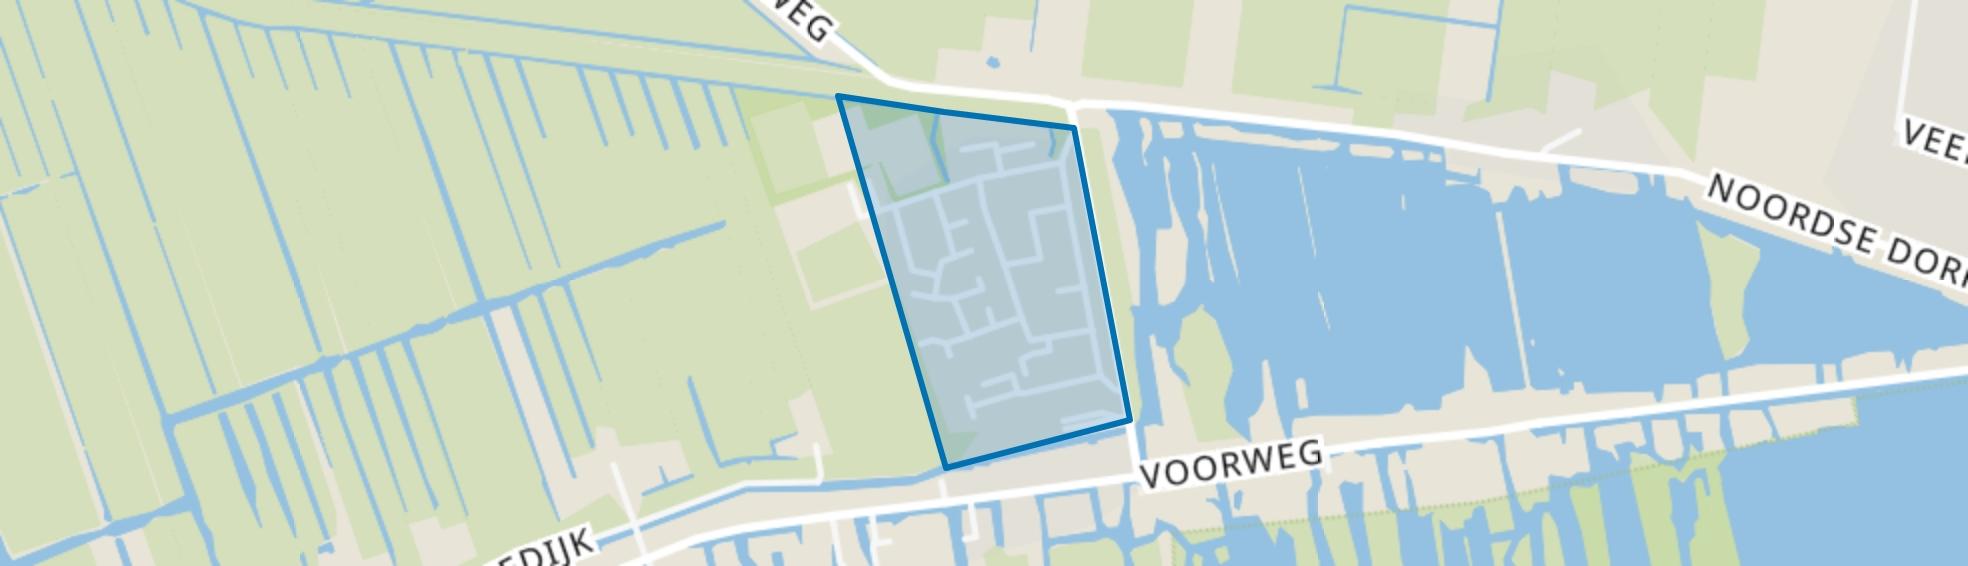 Uitbreiding dorpskern Noorden, Noorden map